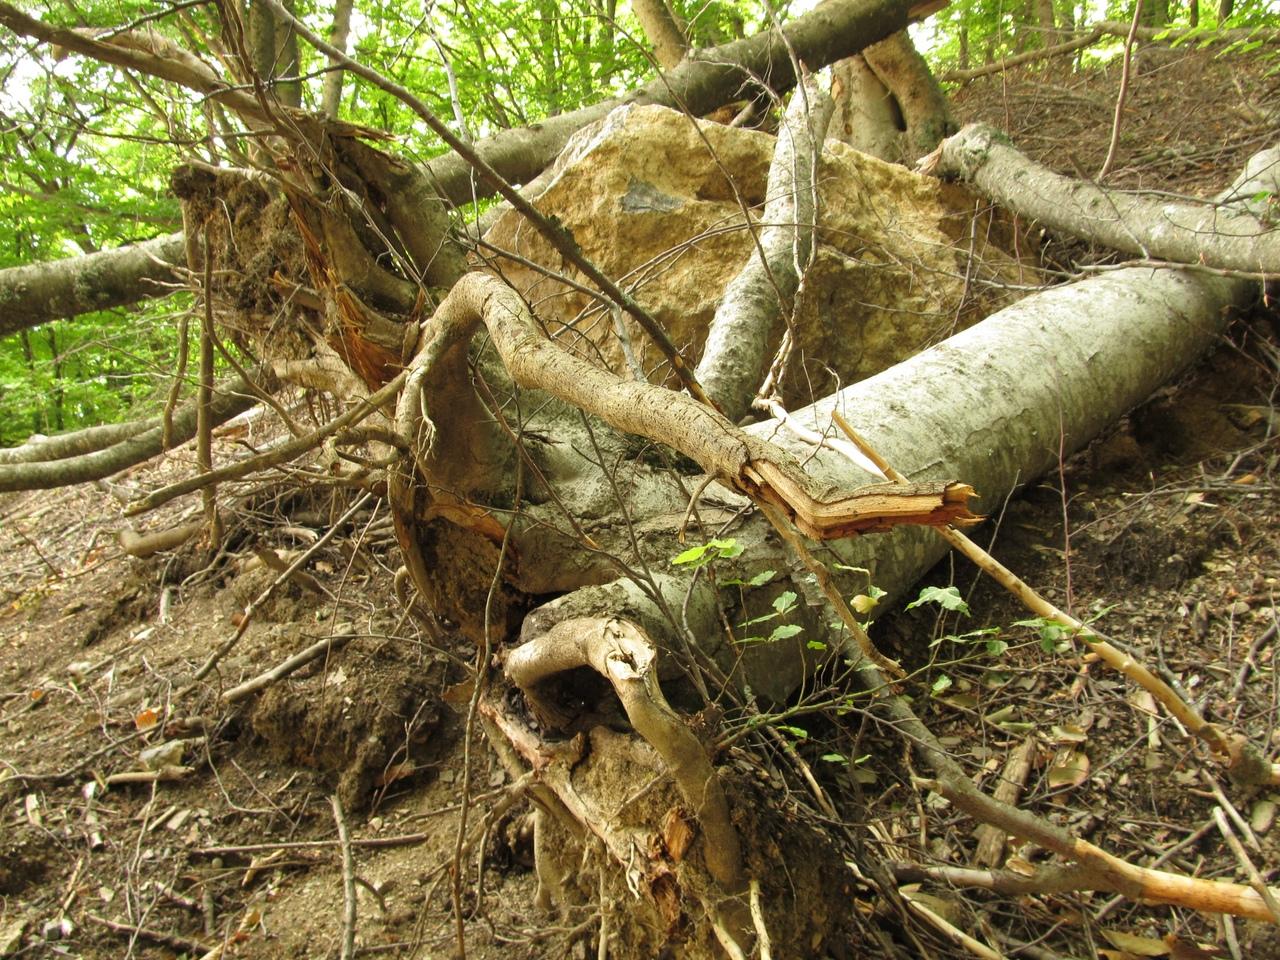 Каменные глыбы повалили лес: на горе Демерджи произошел крупнейший за 30 лет обвал